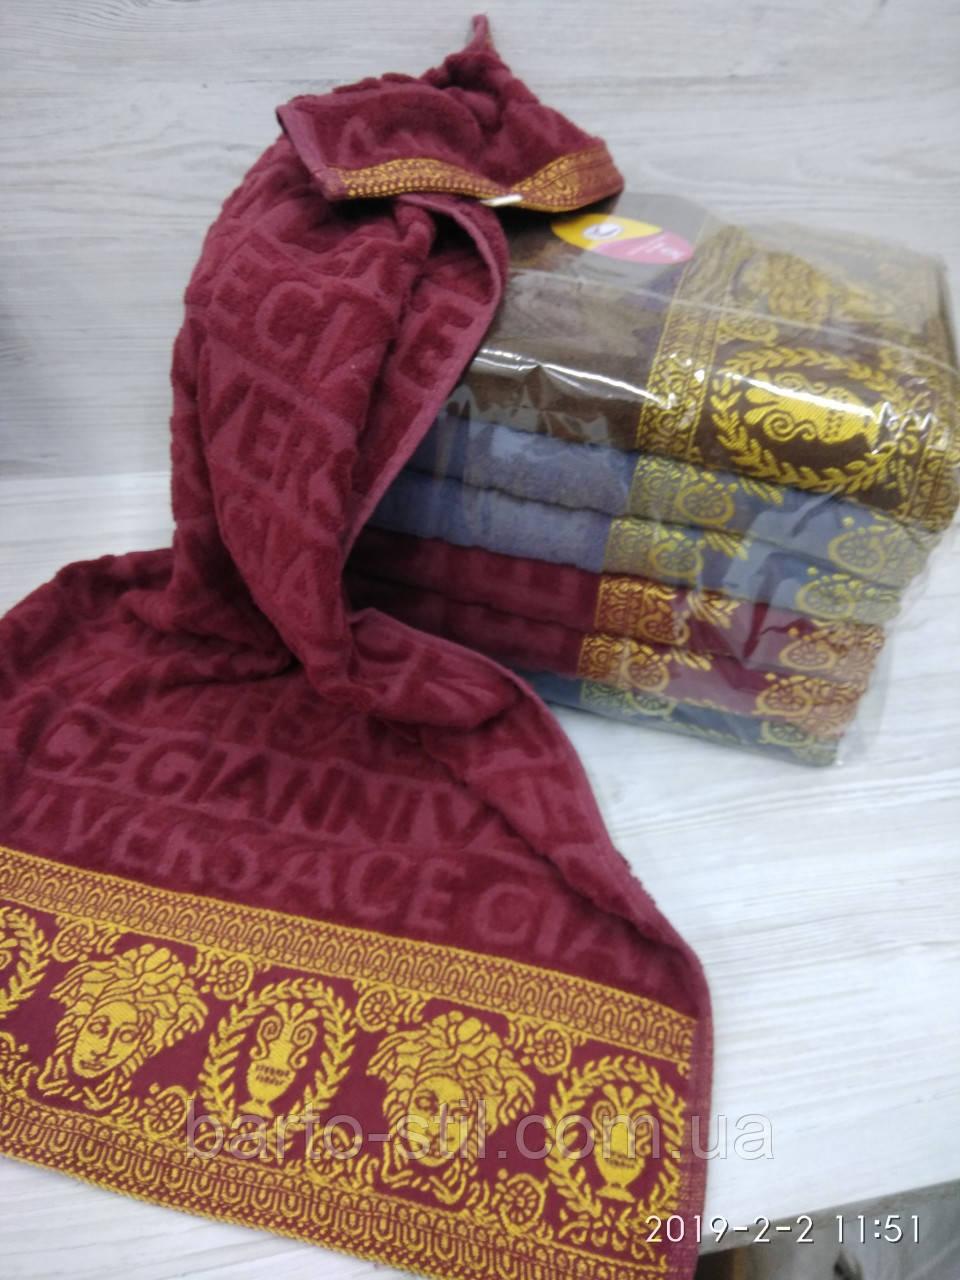 Качественные полотенца в комплекте с вышивкой для лица Размер 50Х100 6 шт.